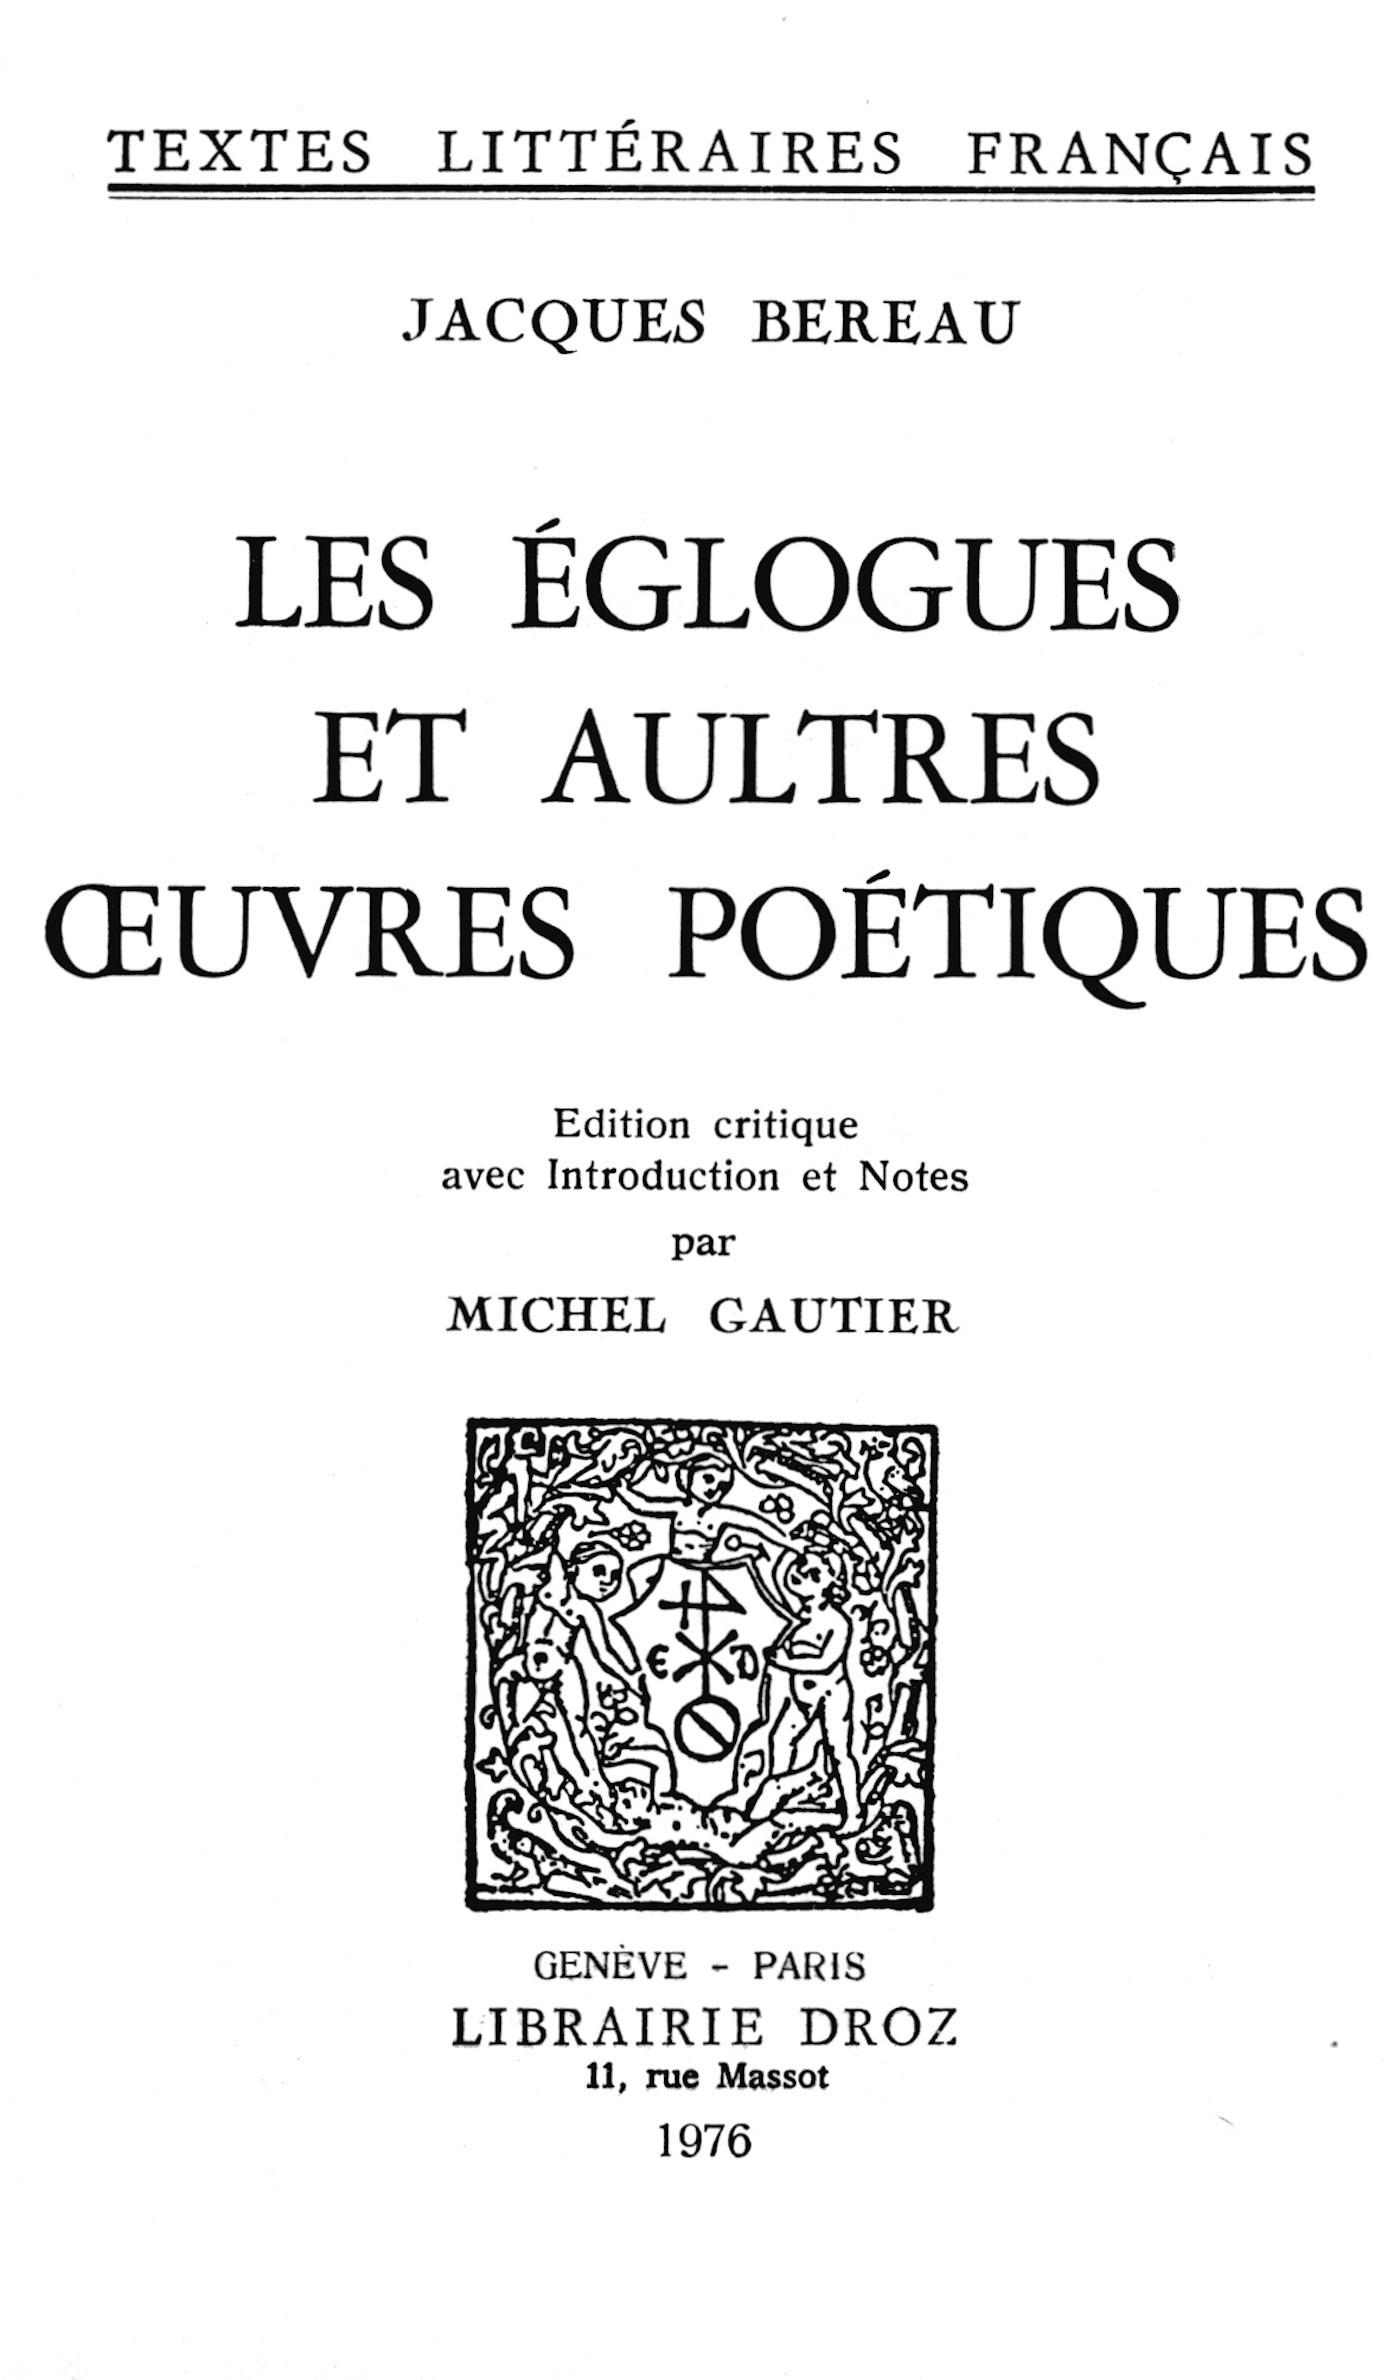 Les eglogues et aultres oeuvres poetiques